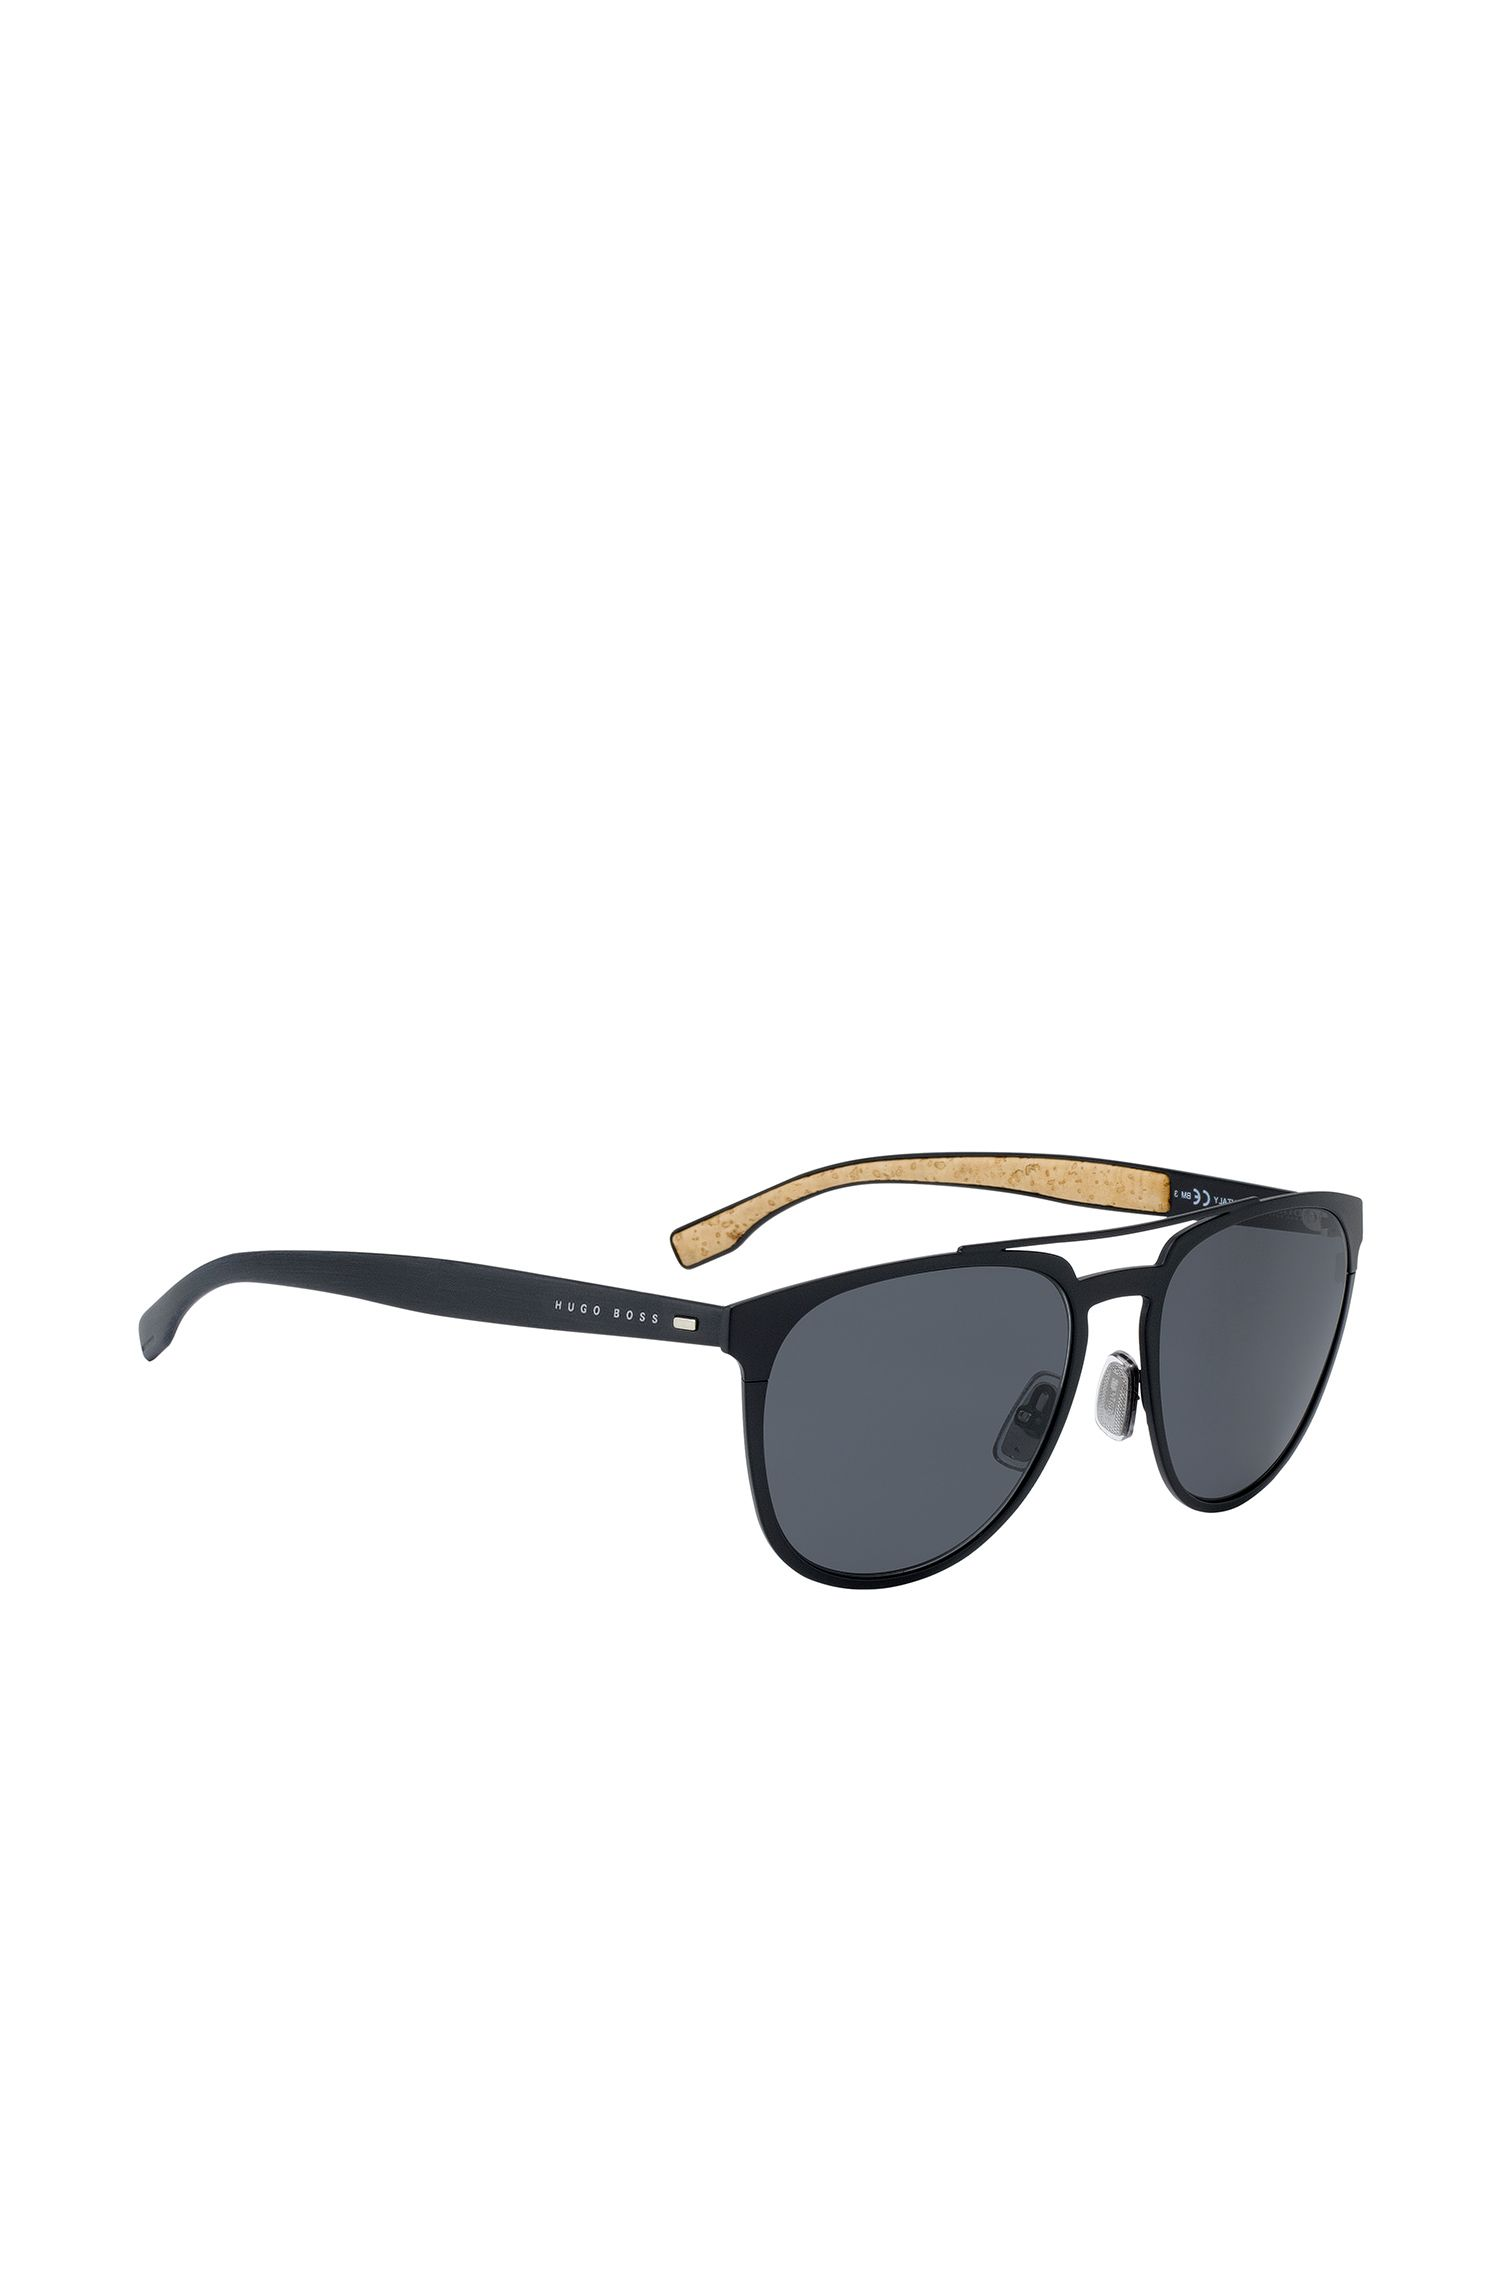 Occhiali da sole stile aviatore con montatura nera in metallo sottile